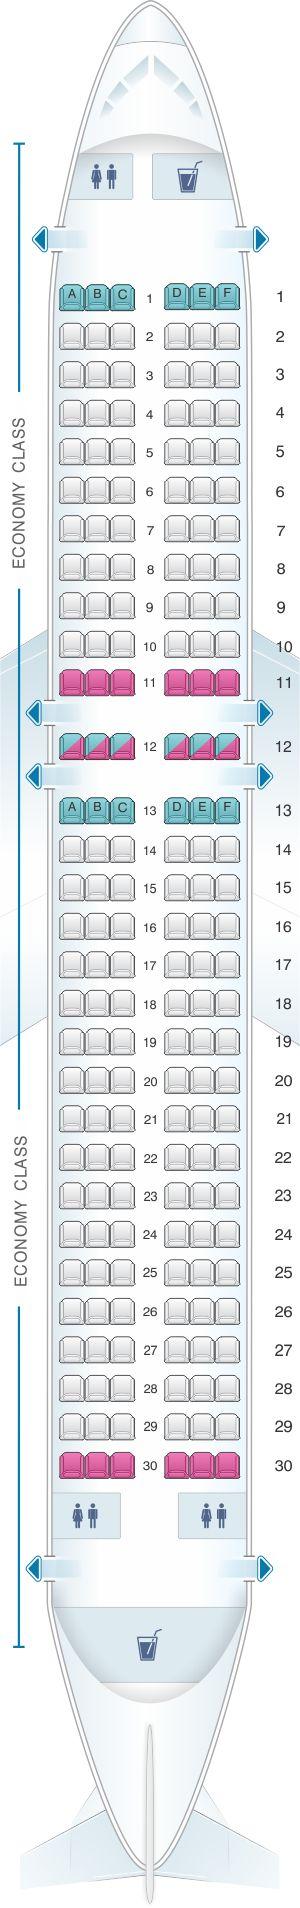 Seat Map Wizz Air Airbus A320   Air transat